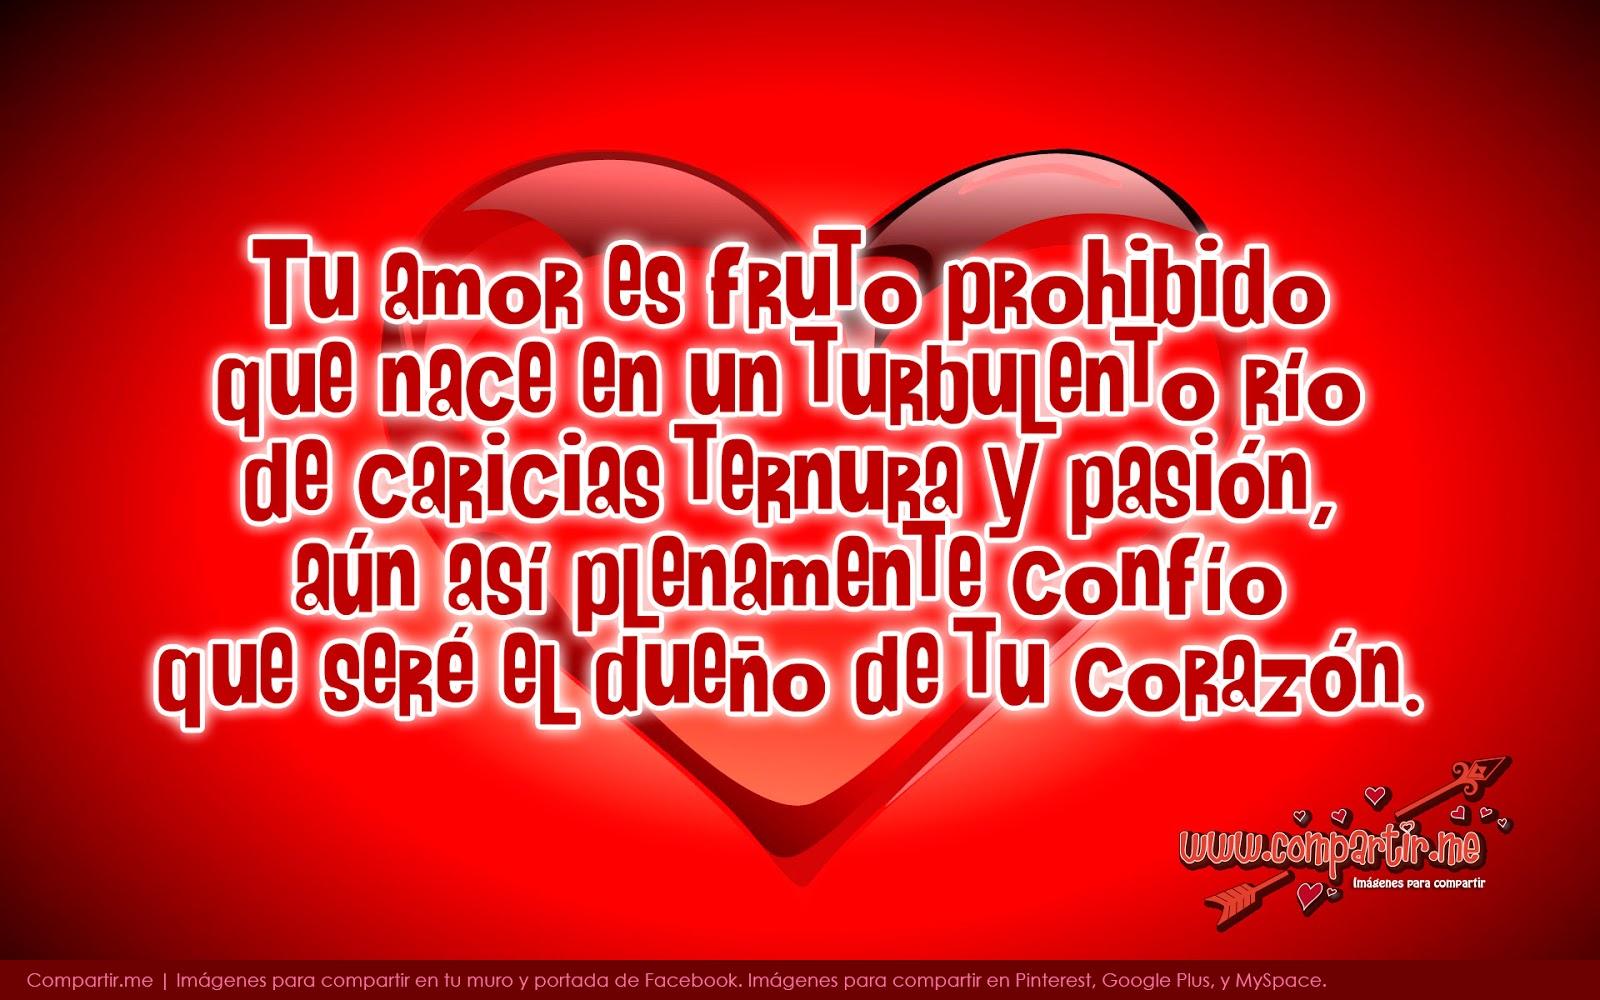 tarjetas-dia-de-los-enamorados-corazon-grande-frase-amor-1